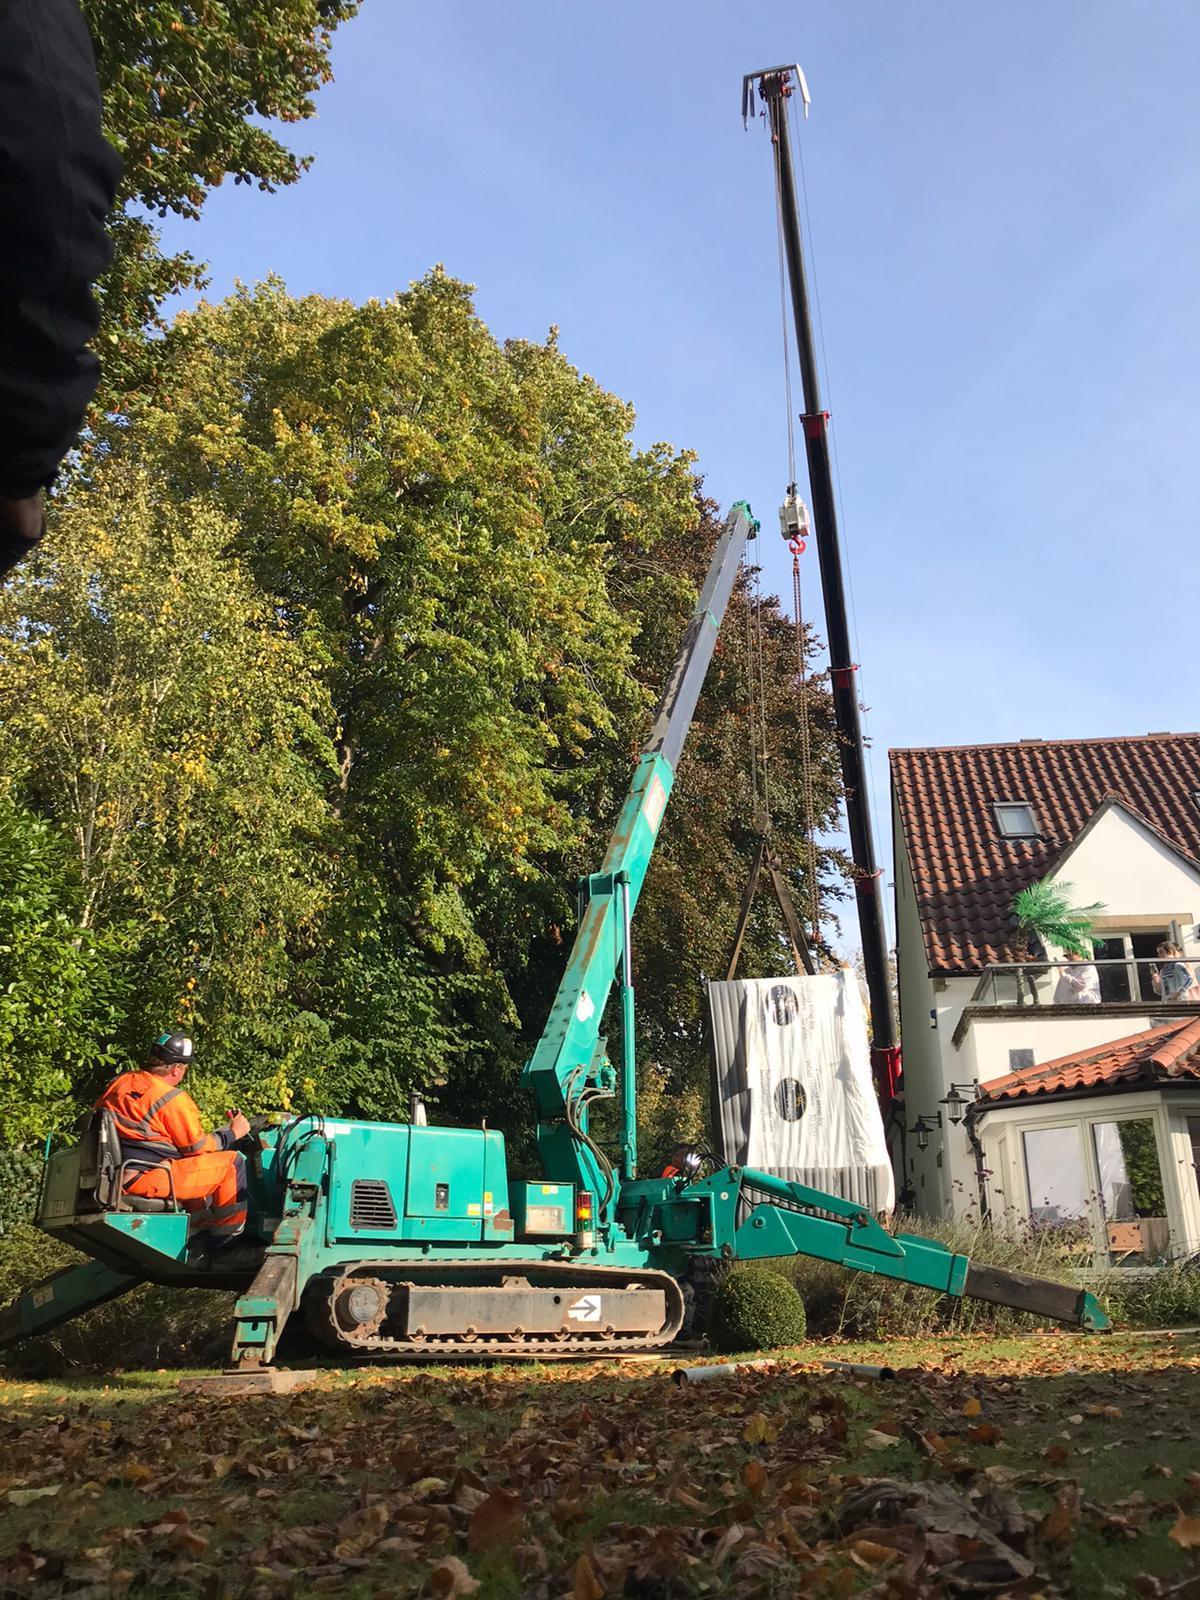 spider crane lifts